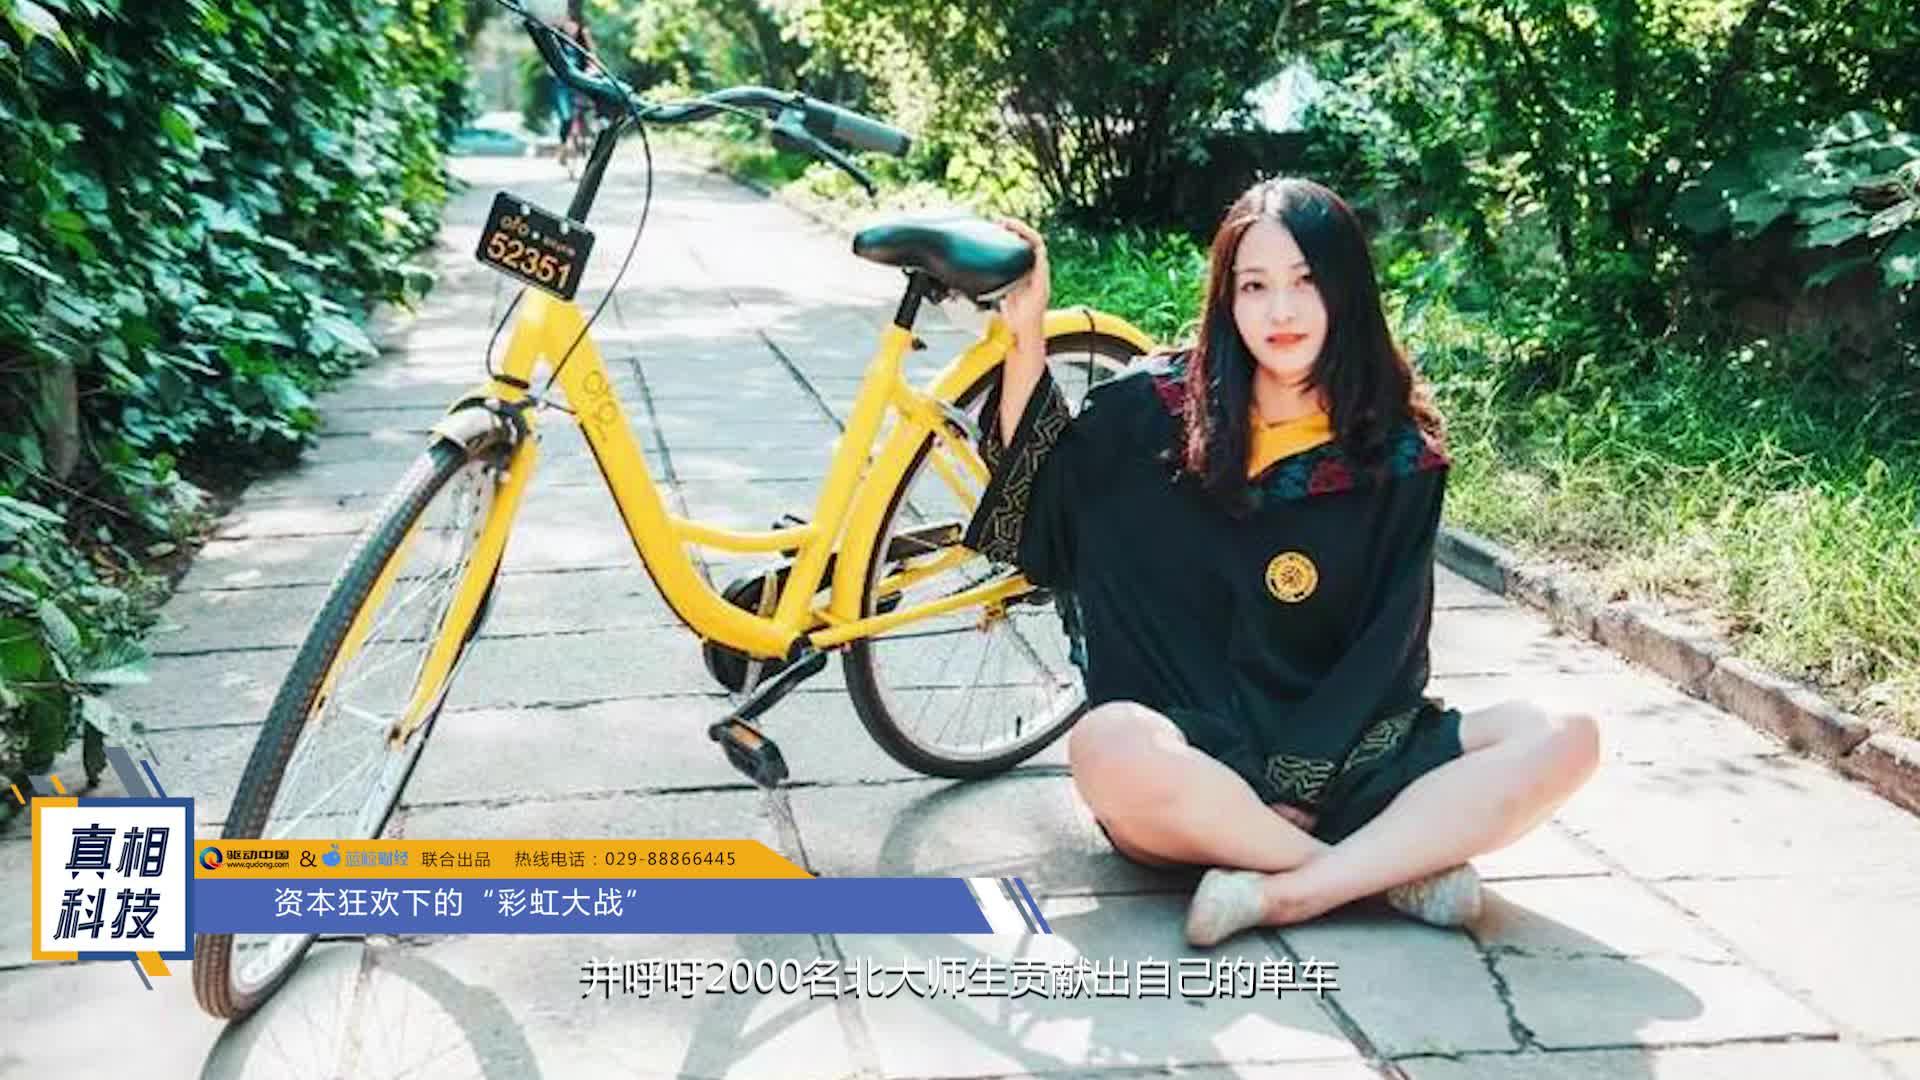 """西安惊现共享单车""""坟场"""":从资本狂欢到一片狼藉2"""